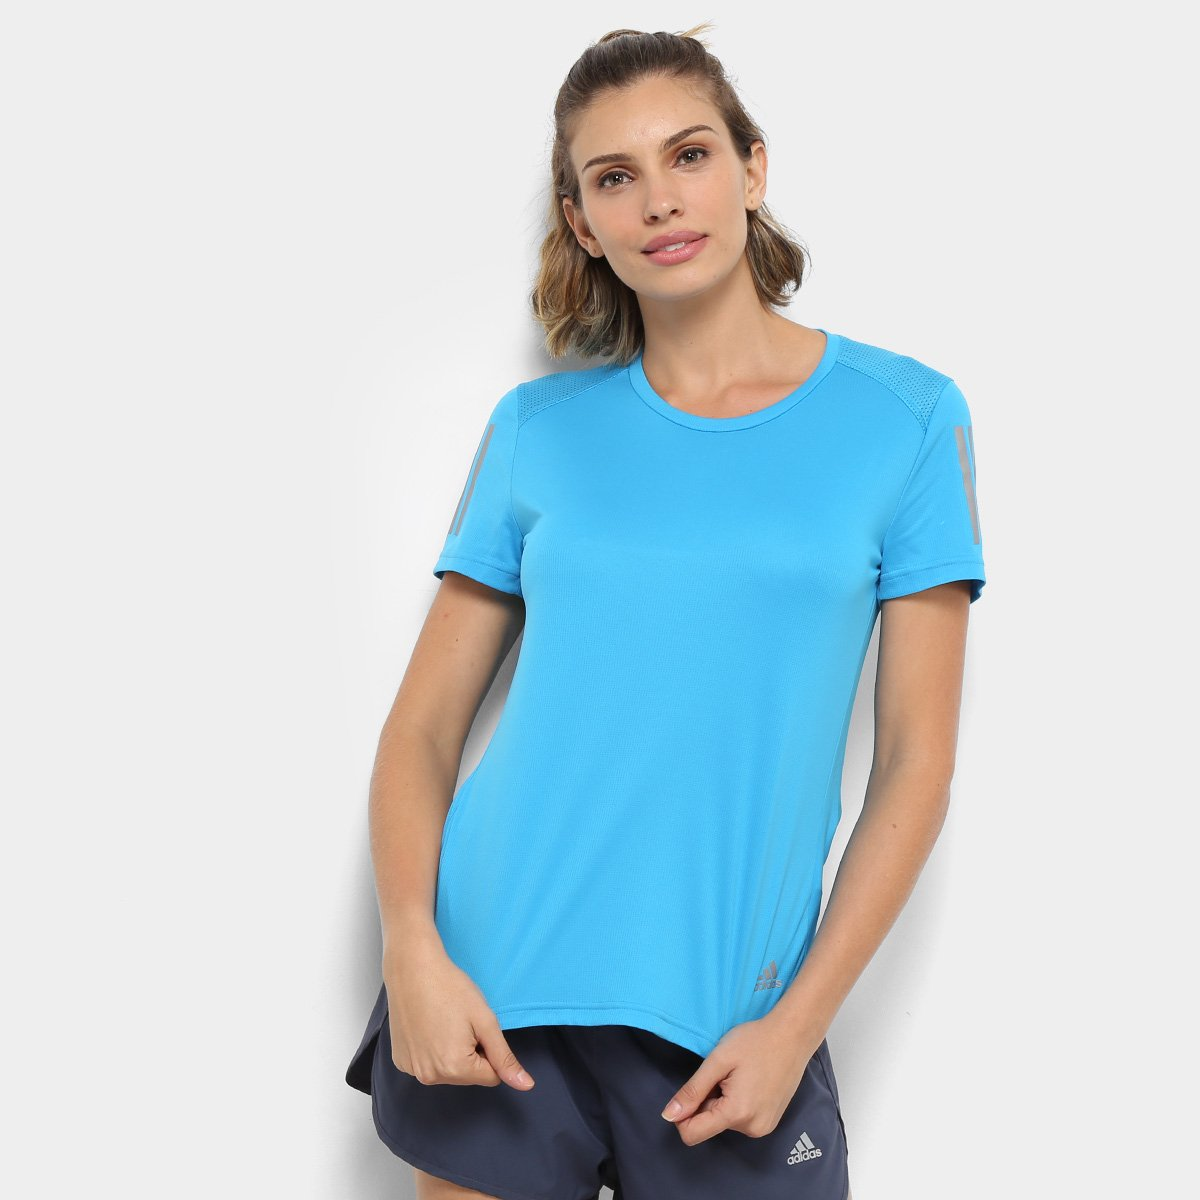 2604030da637b Camiseta Adidas Response Feminina - Azul Piscina - Compre Agora ...